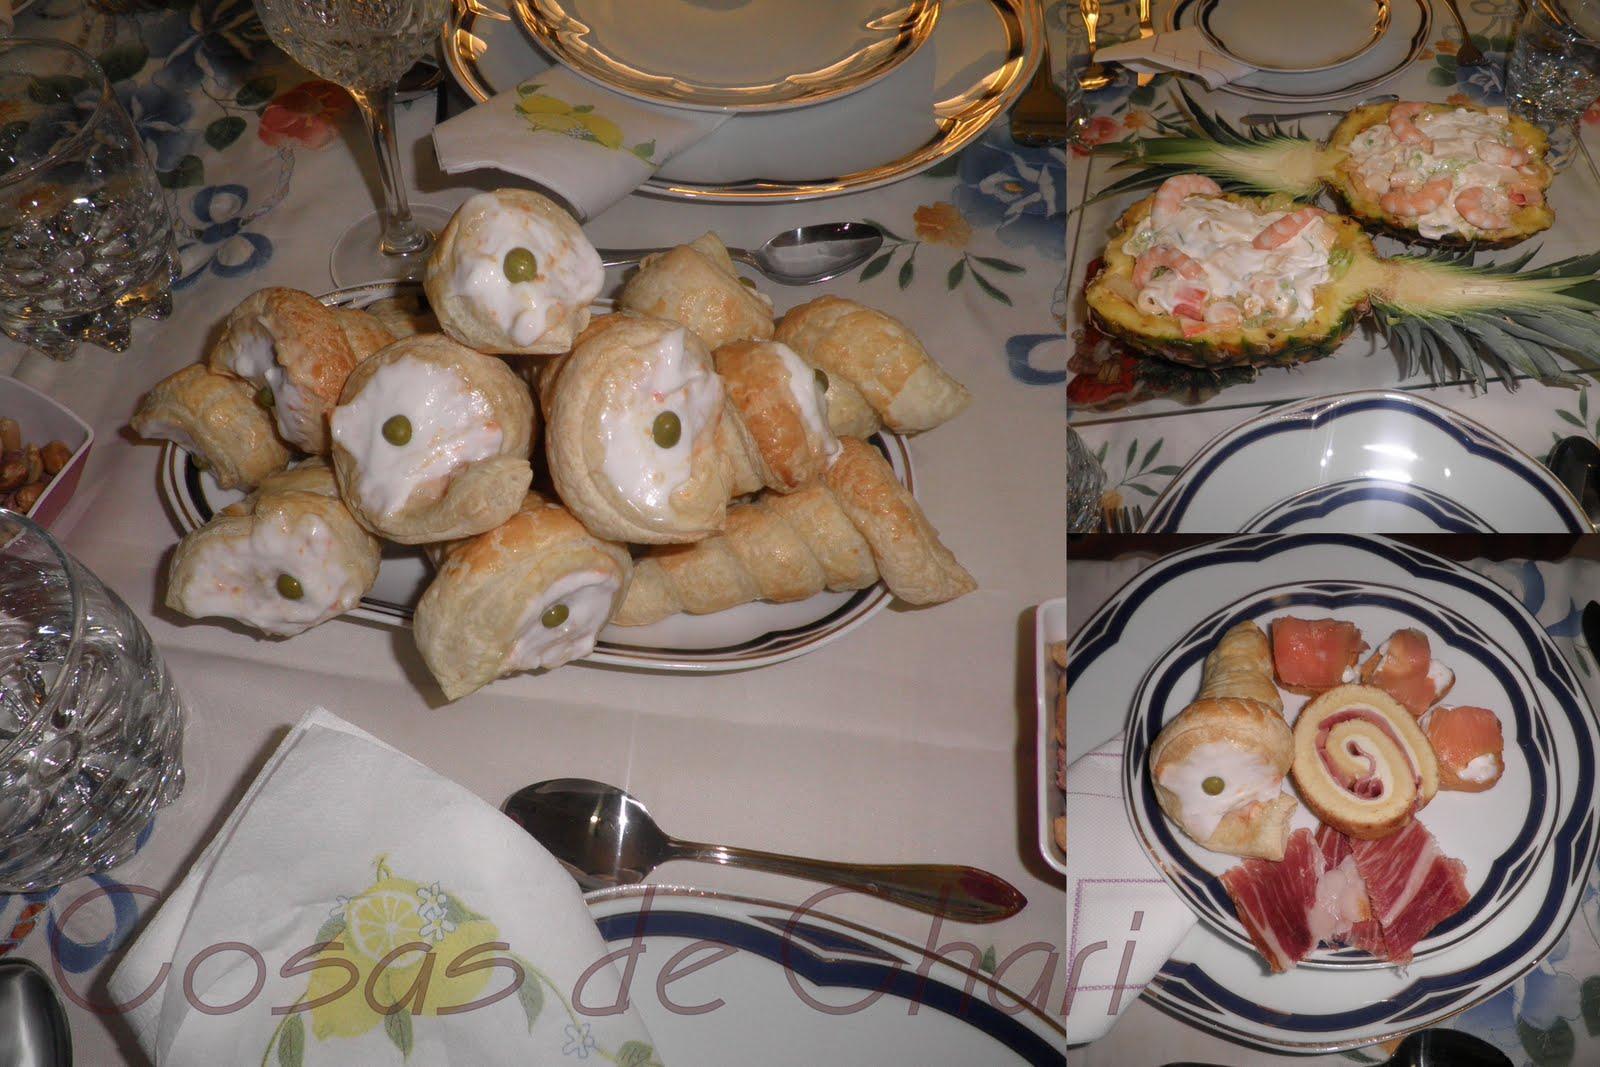 Cosas de chari cena de nochevieja 2010 for Comidas para nochevieja